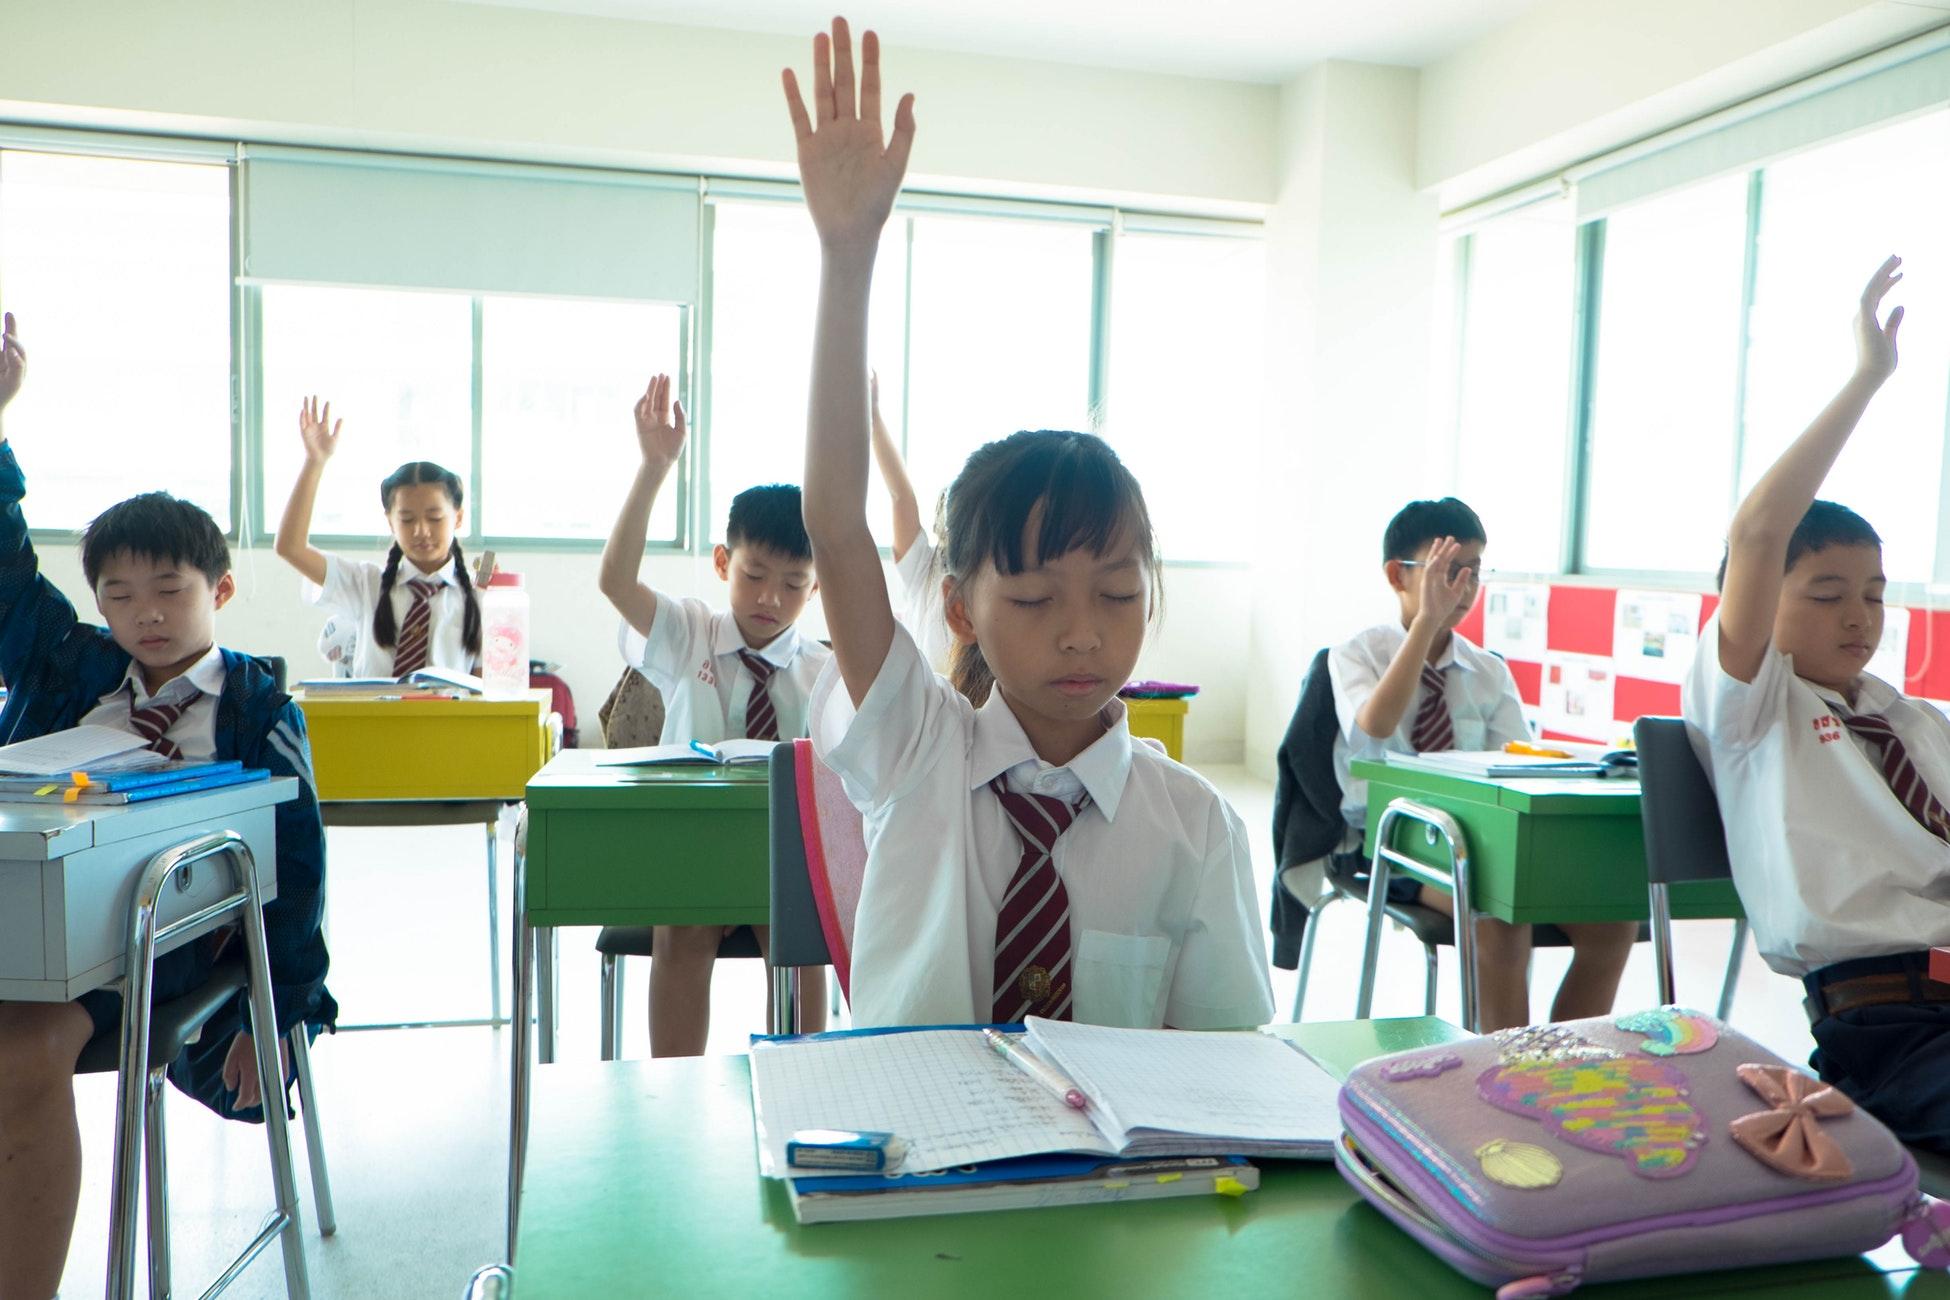 つまらなそうに手をあげる生徒